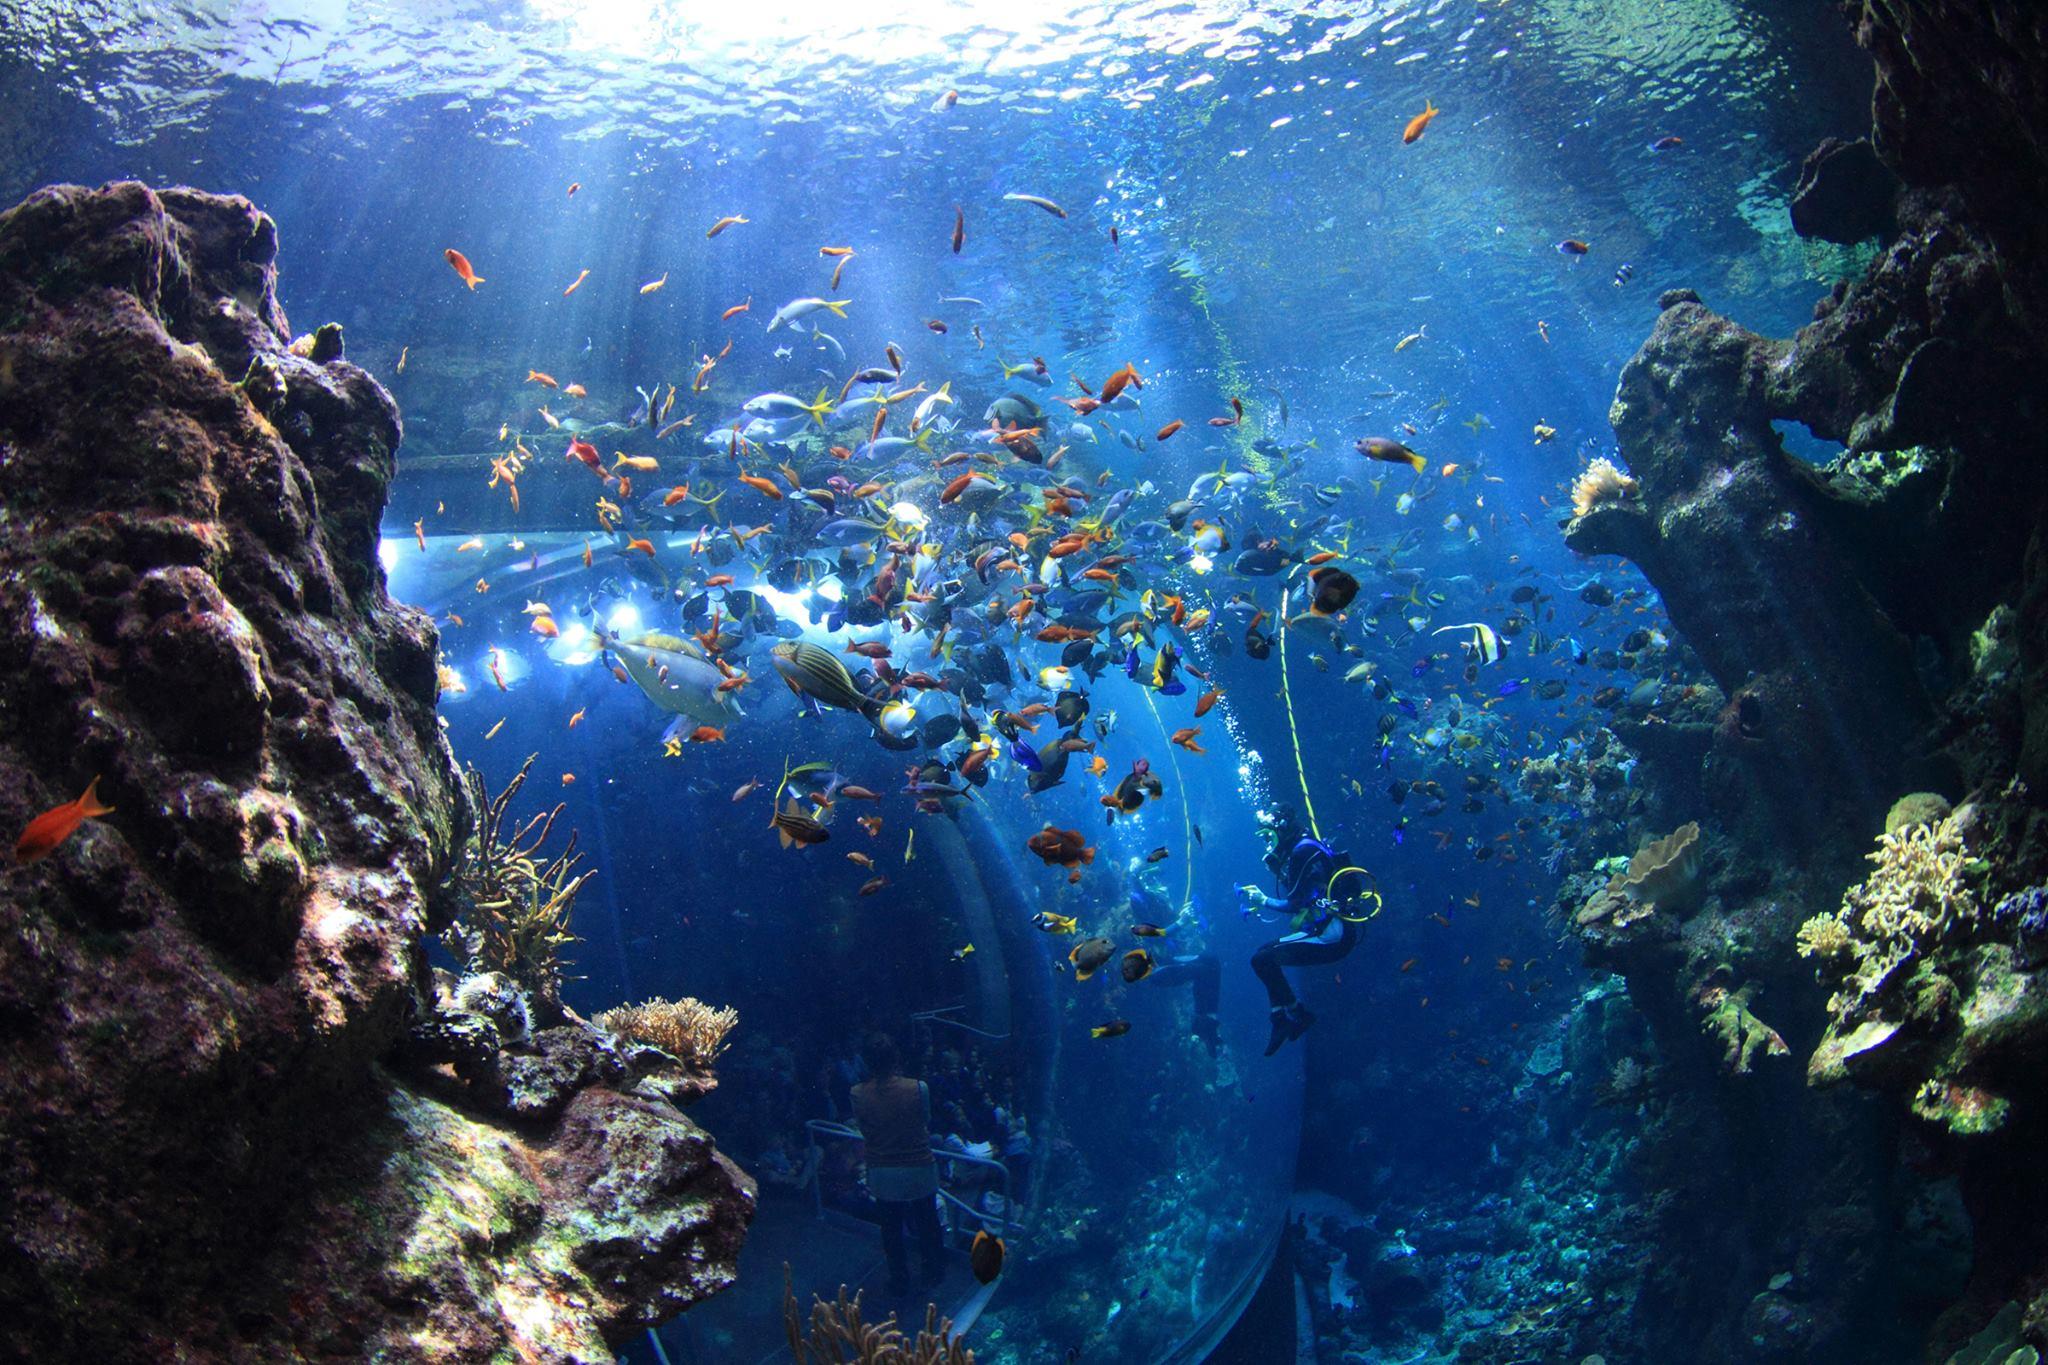 El acuario de la Academia de Ciencias de California